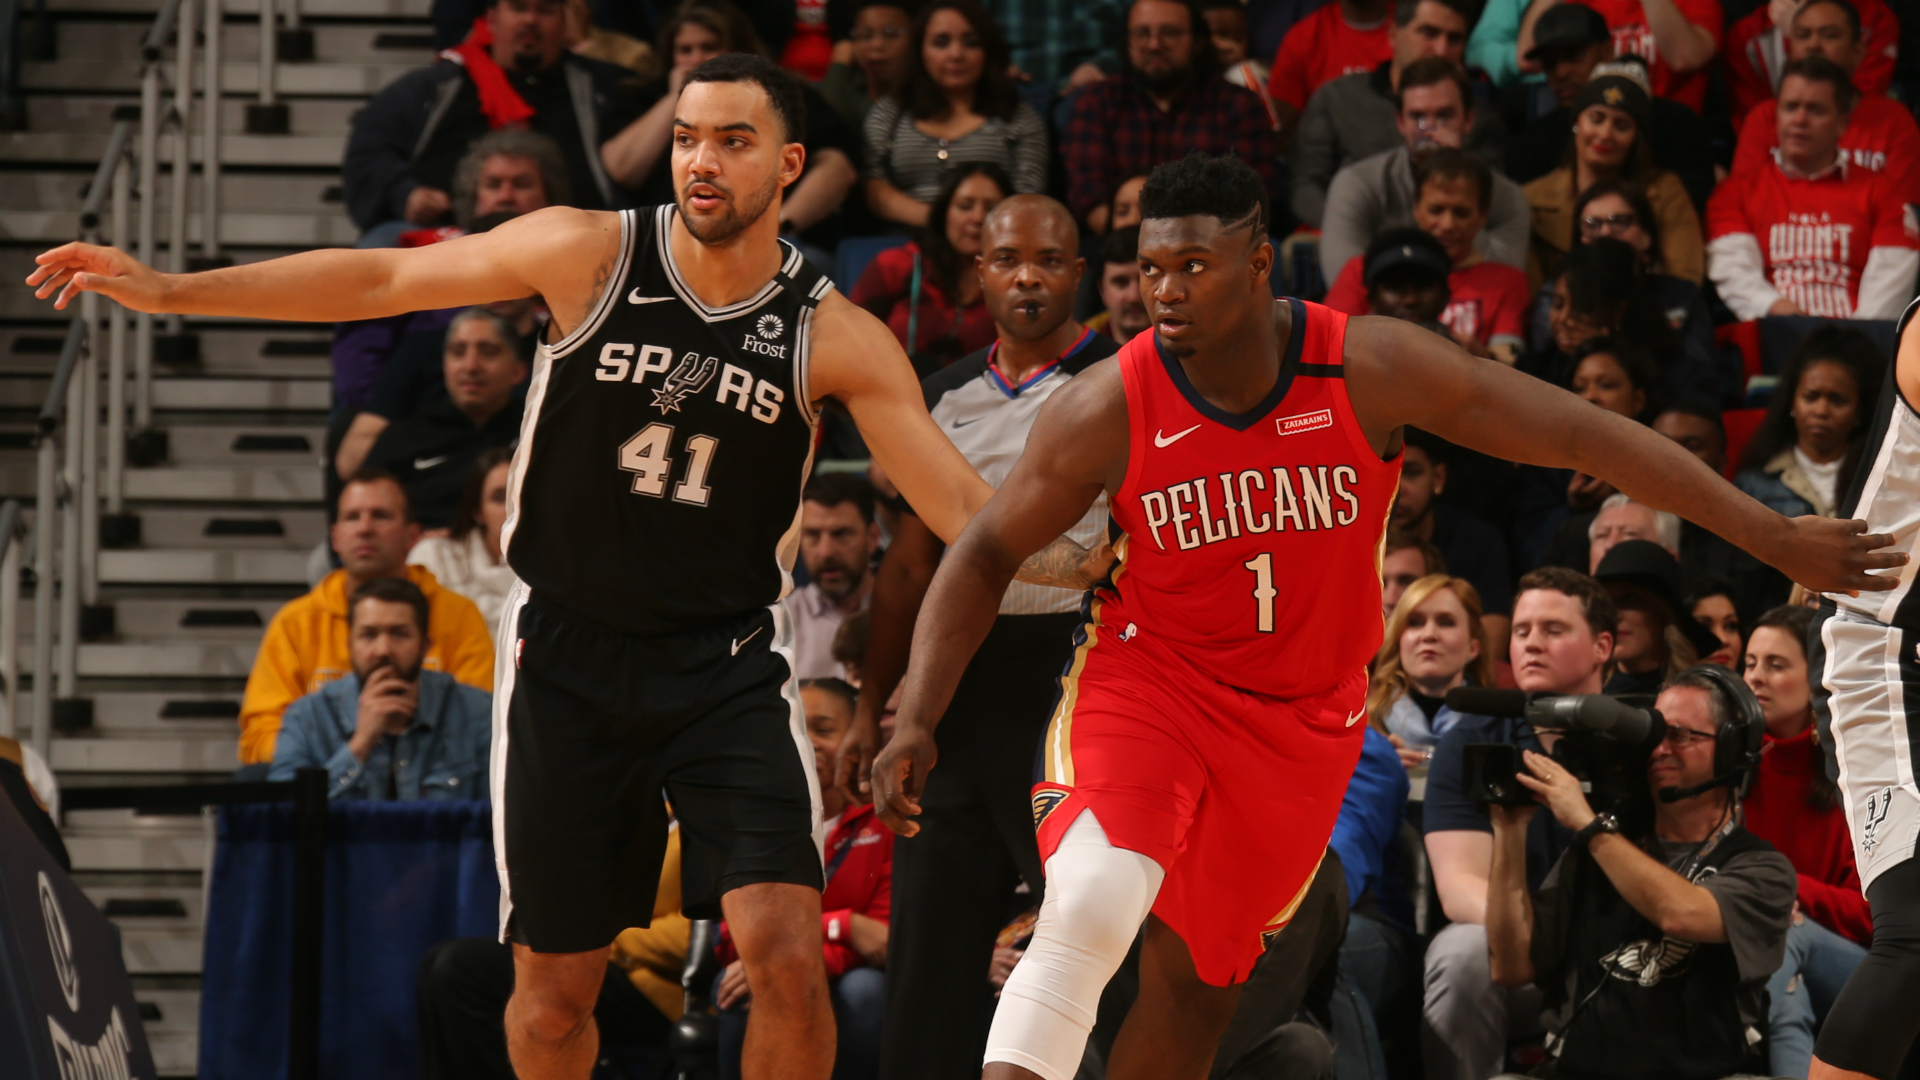 Spurs @ Pelicans